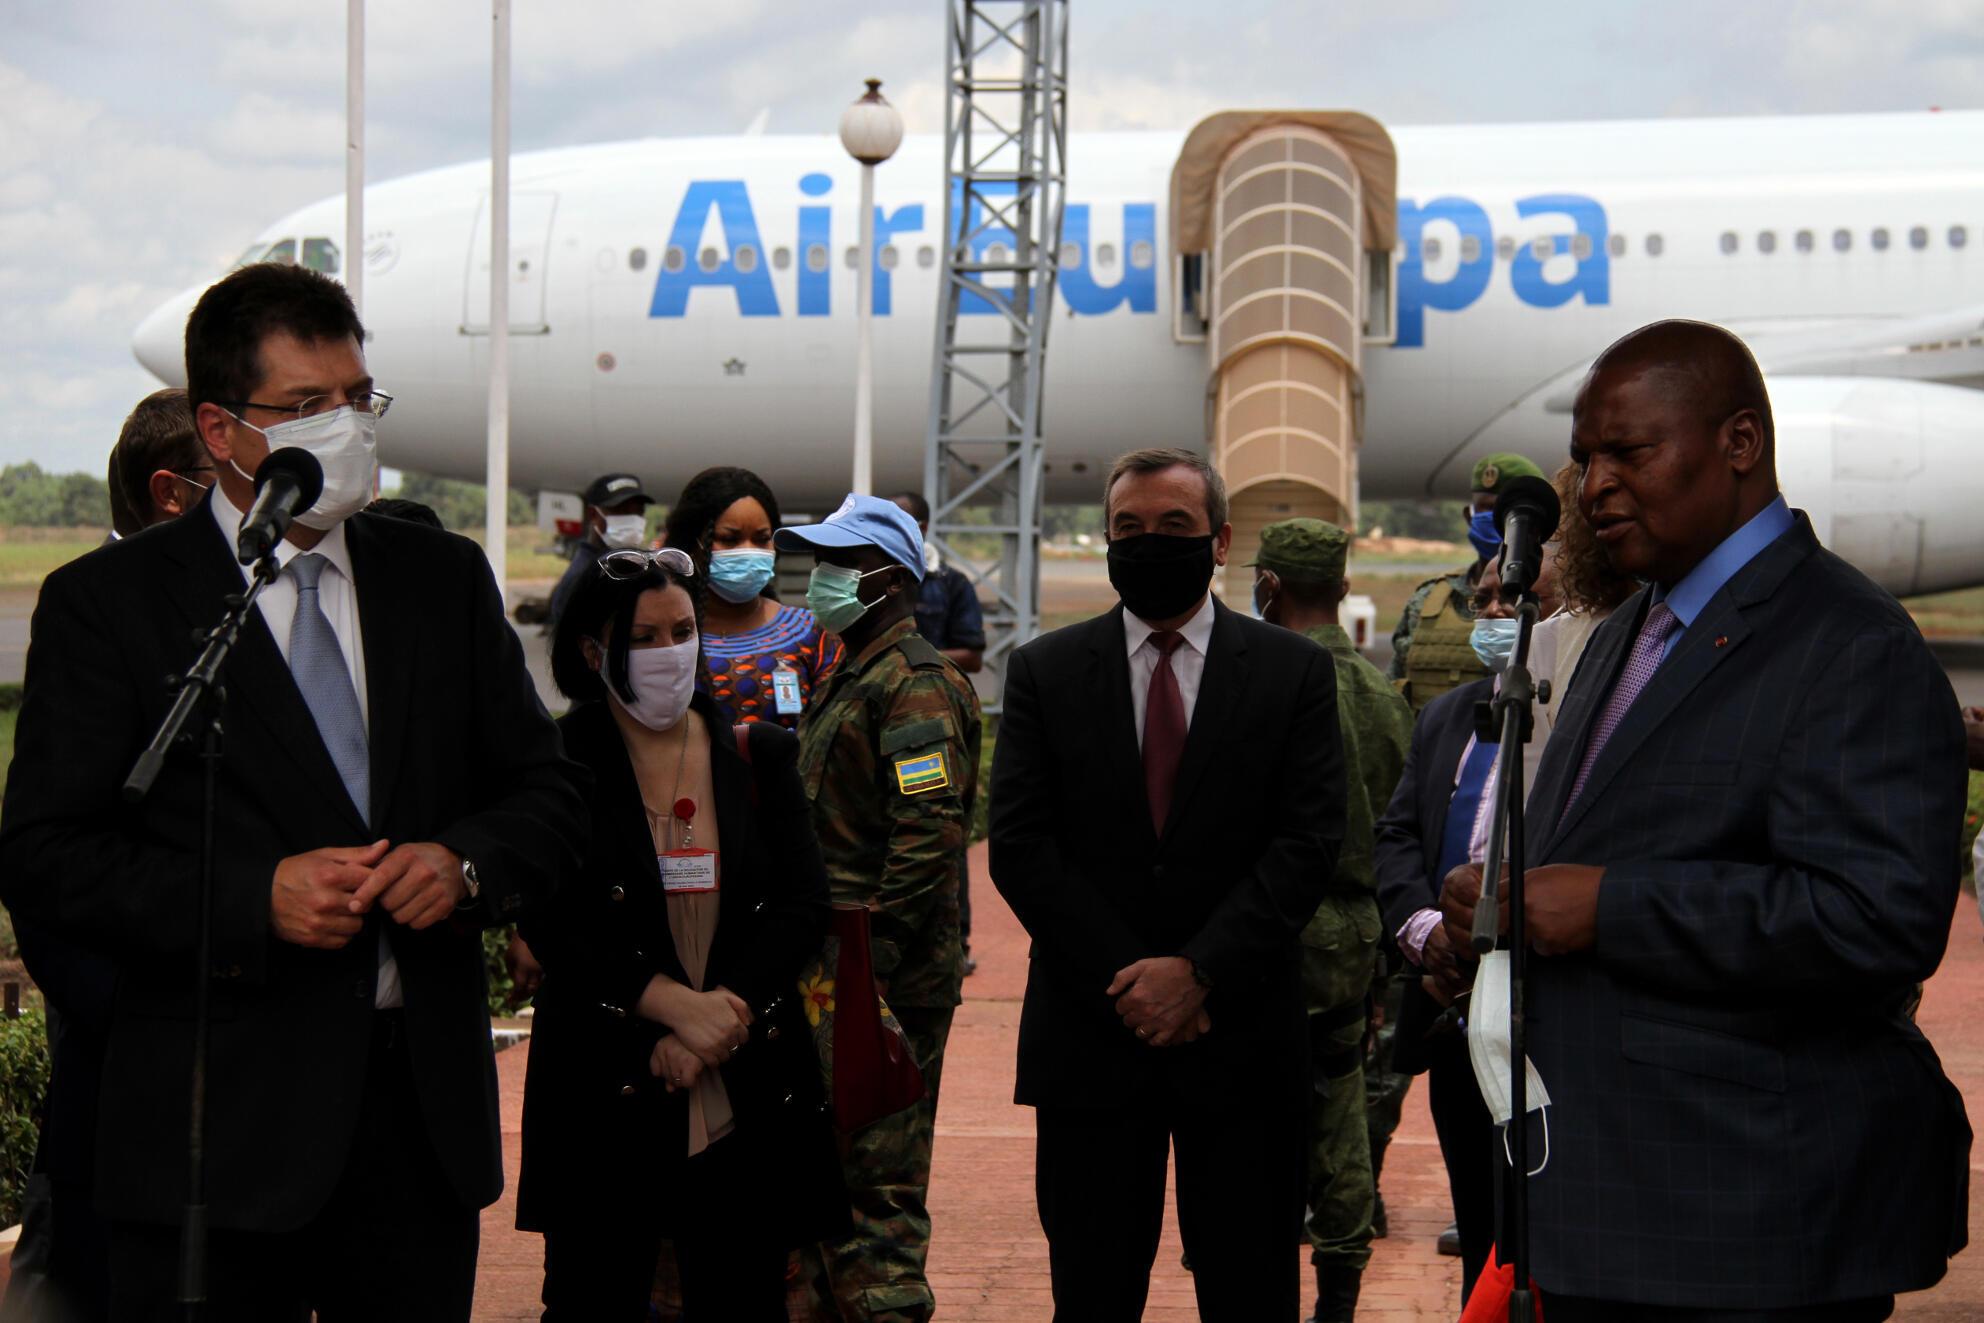 Le commissaire européen à la gestion des crises Janez Lenarčič (g.) et le président Touadéra (d.) à l'aéroport de Bangui M'Poko. Au centre: Samuela Isopi, ambassadrice de l'UE en RCA et Eric Gérard, ambassadeur de France en Centrafrique, le 8 mai 2020..